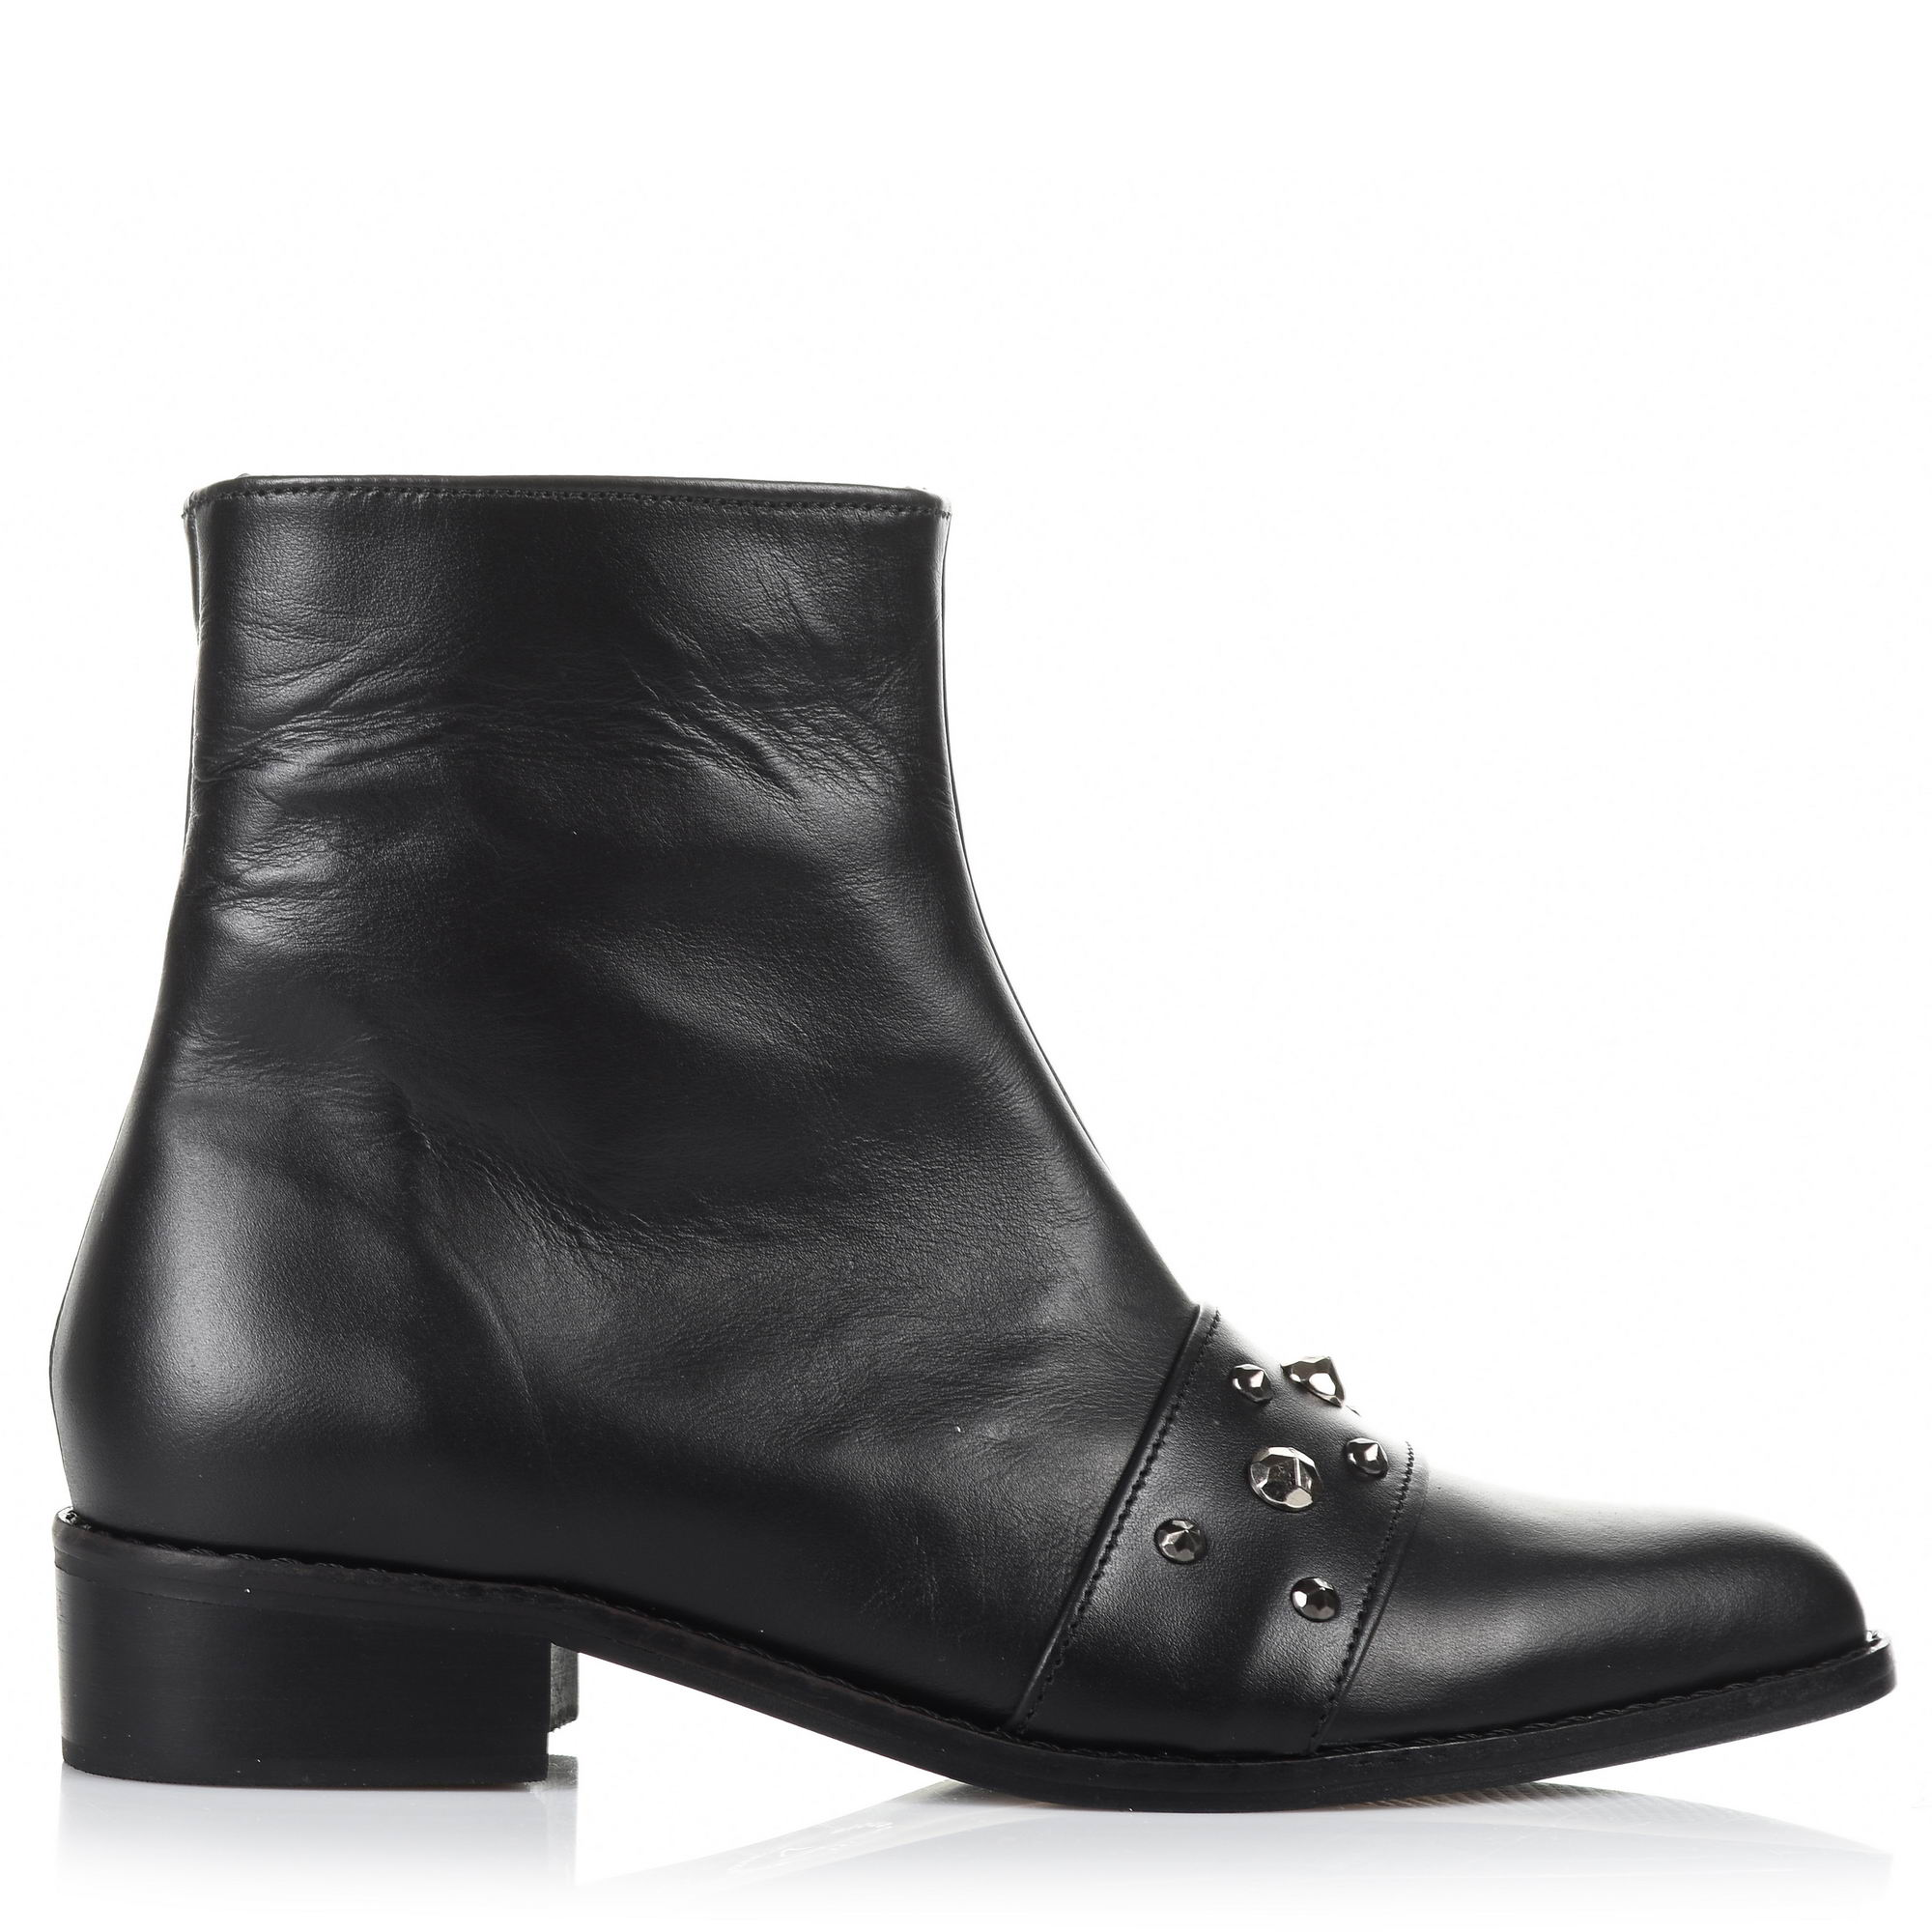 Δερμάτινα Μποτάκια Nitro Fashion SX1165 γυναικα   γυναικείο παπούτσι